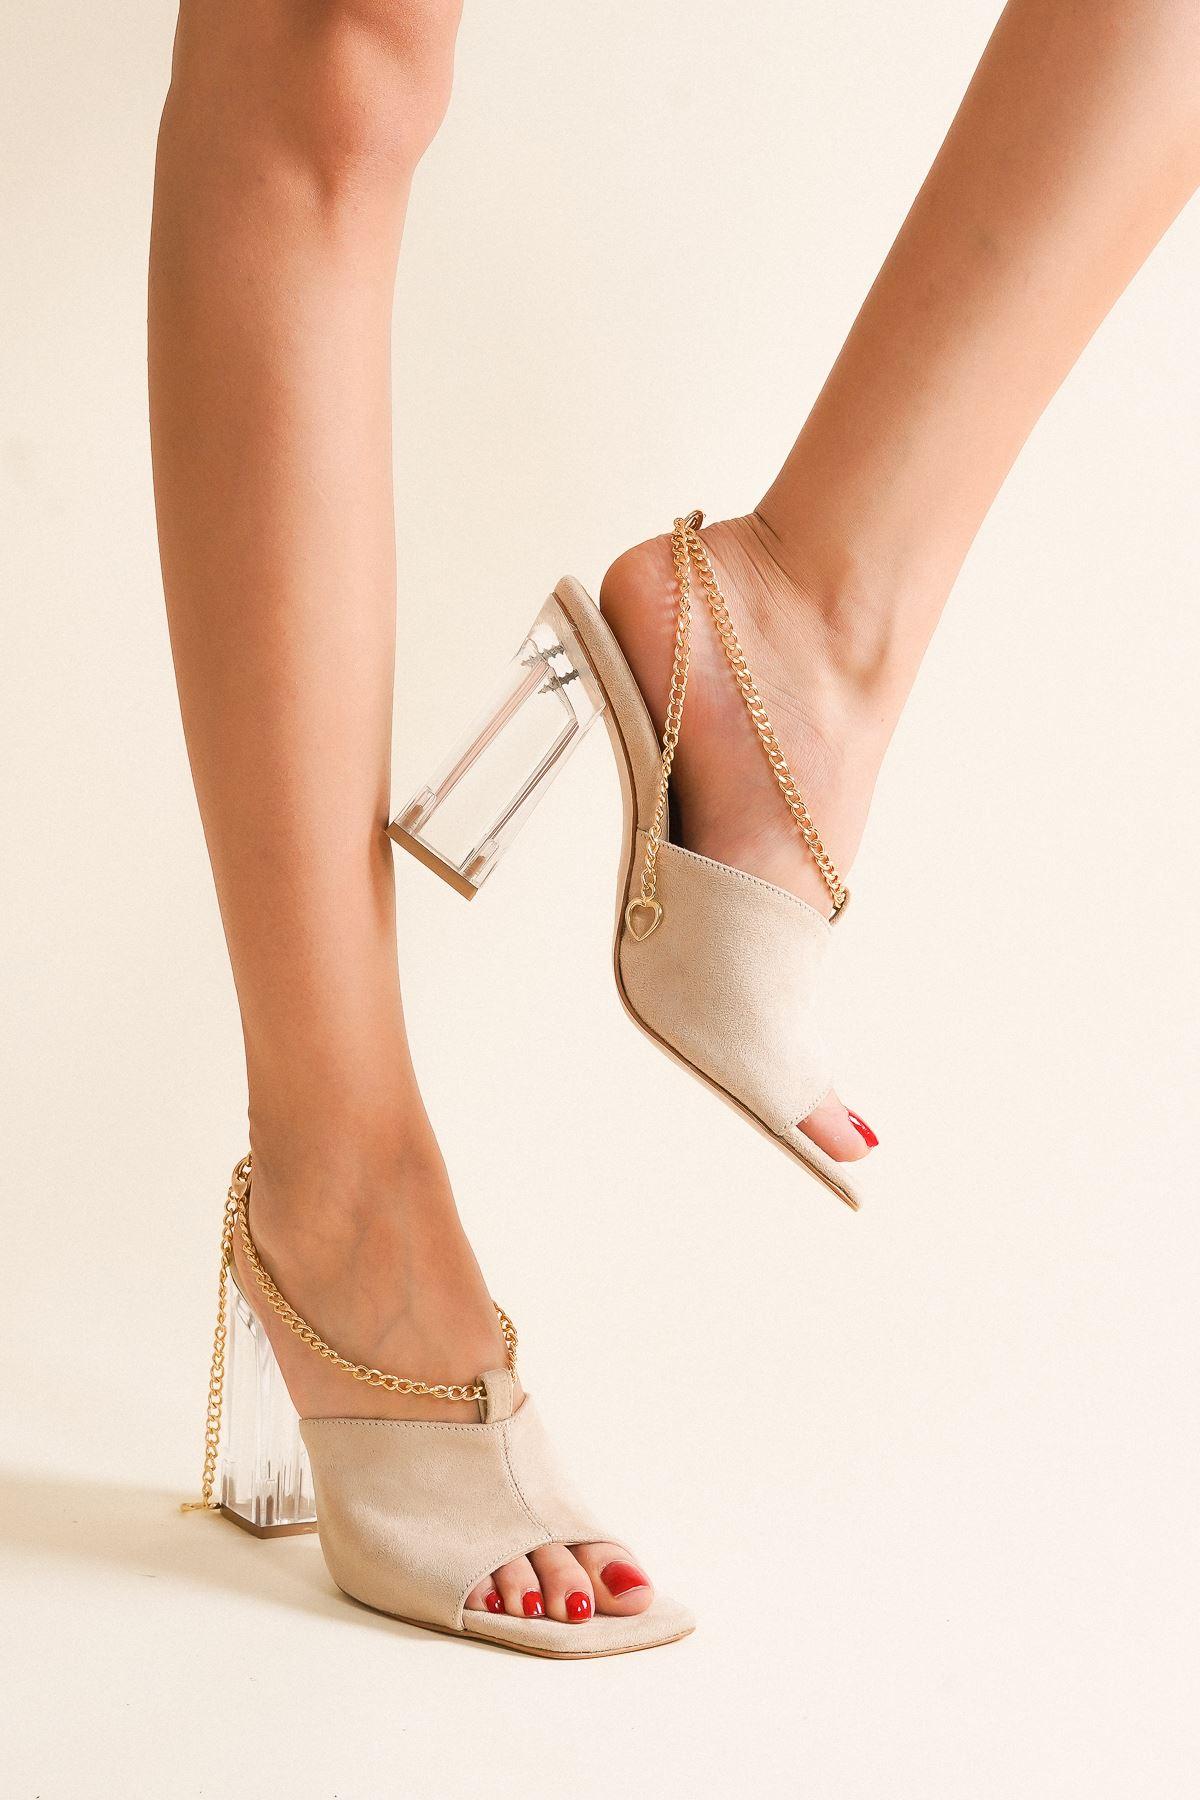 Clevna Ten Süet Zincir Detaylı Kadın Topuklu Ayakkabı